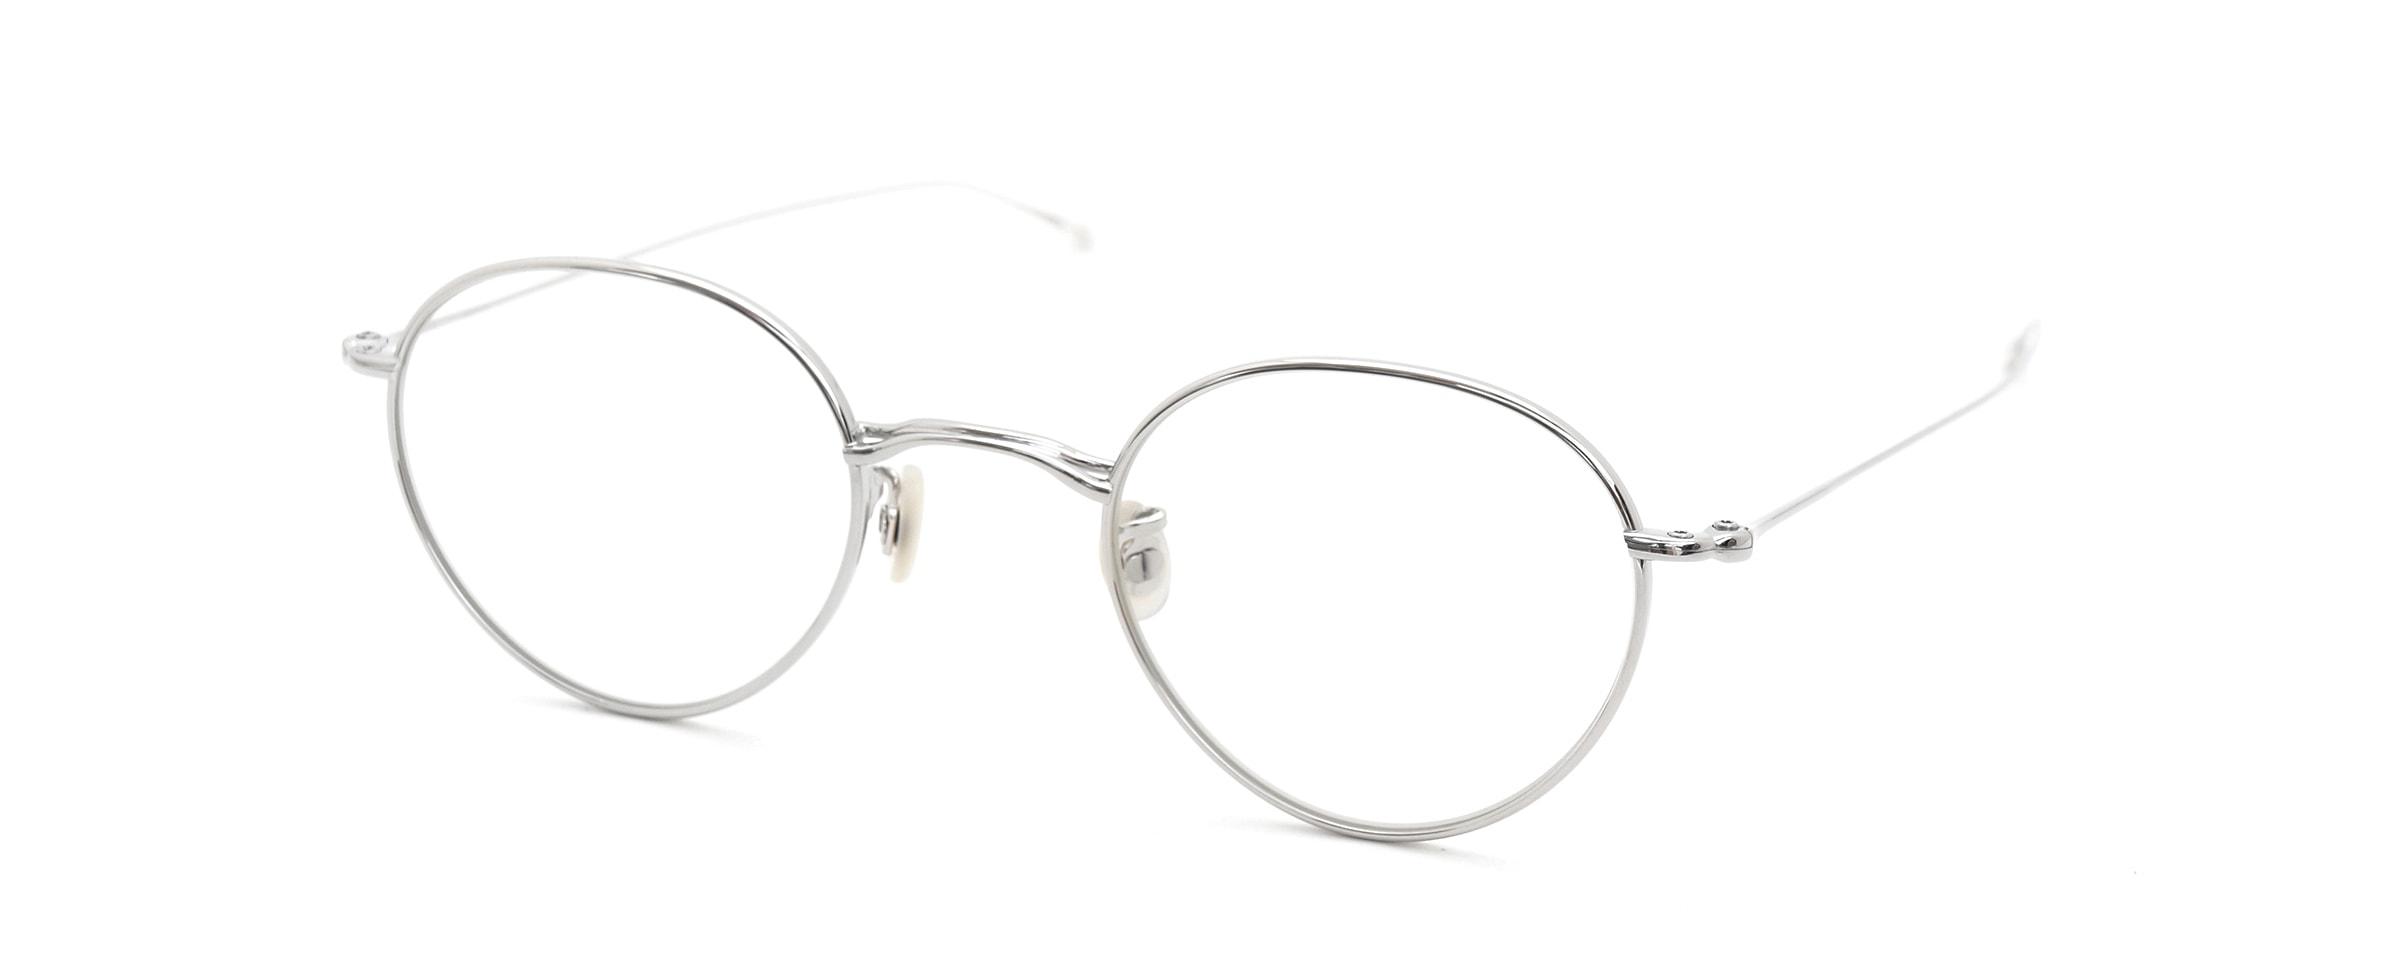 10 eyevan NO.3 1S-CL全体像